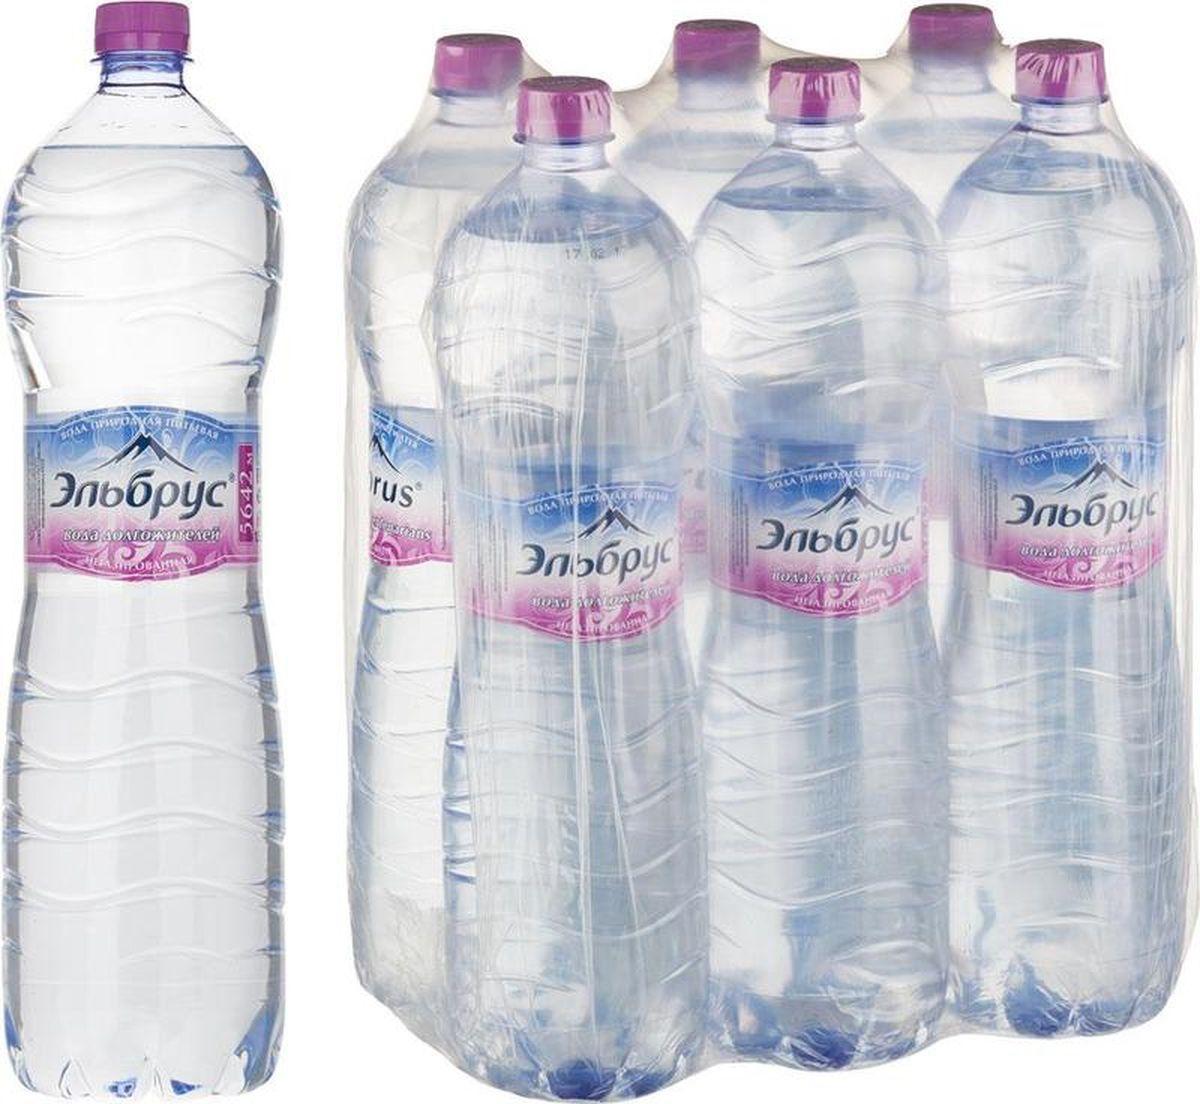 Вода питьевая Эльбрус, минеральная природная столовая негазированная, 6 шт по 1,5 л